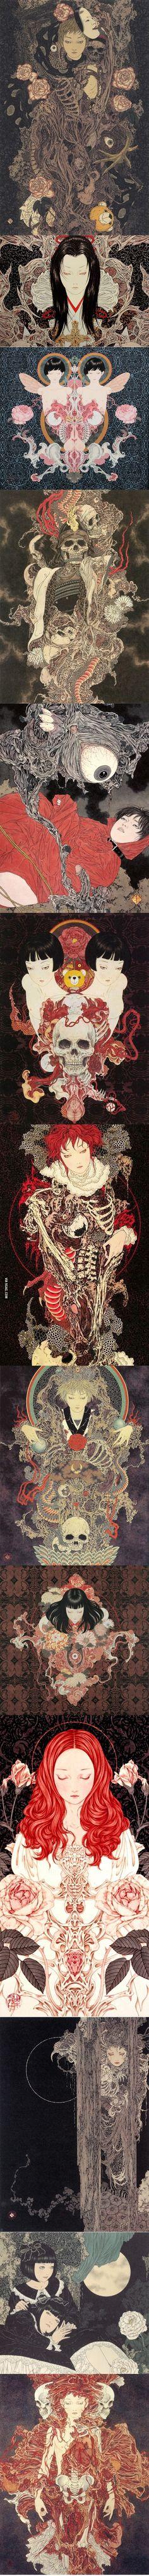 Takato Yamamoto's awesome illustrations